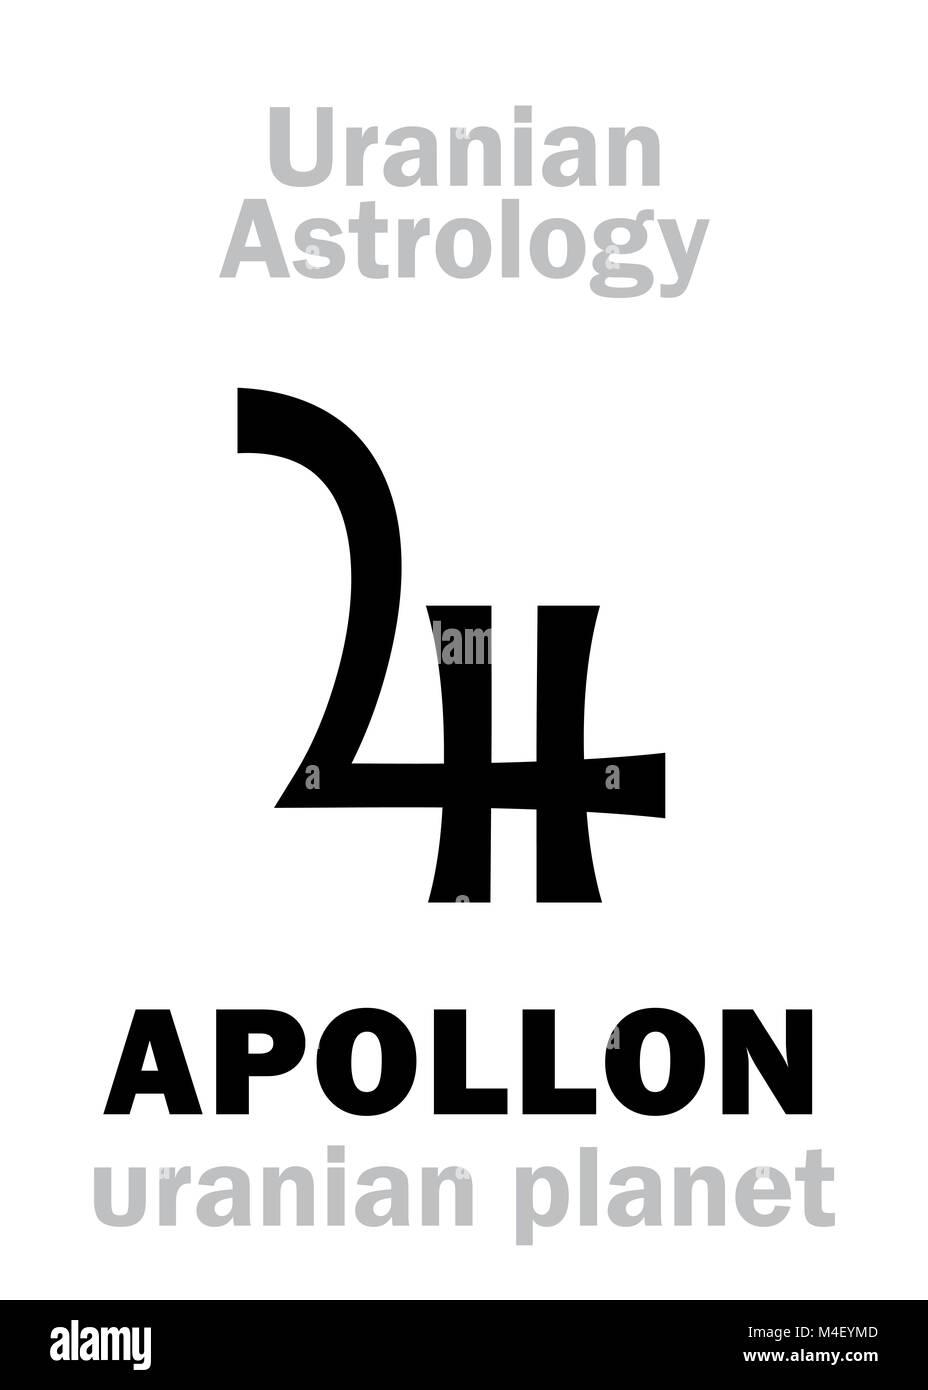 Apollo Asteroid Astrology